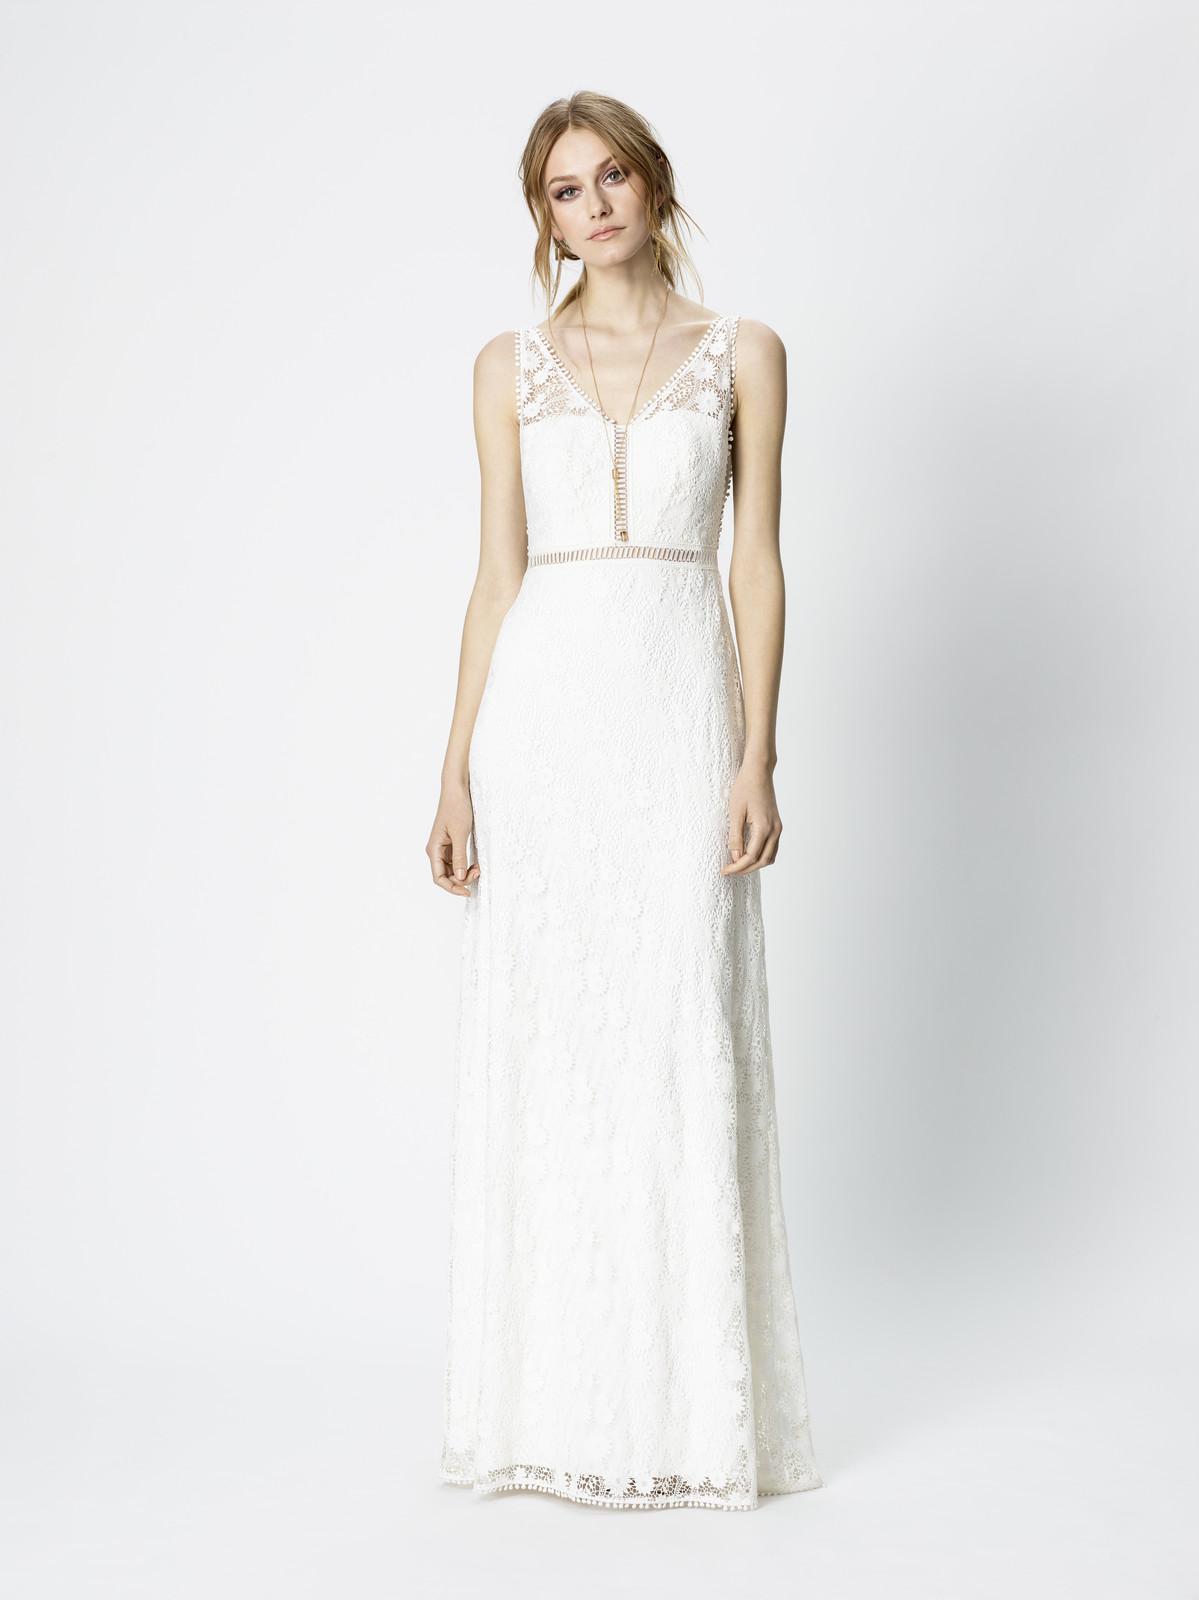 Brautkleid Lily Rose von Rembo Styling auf Ja.de